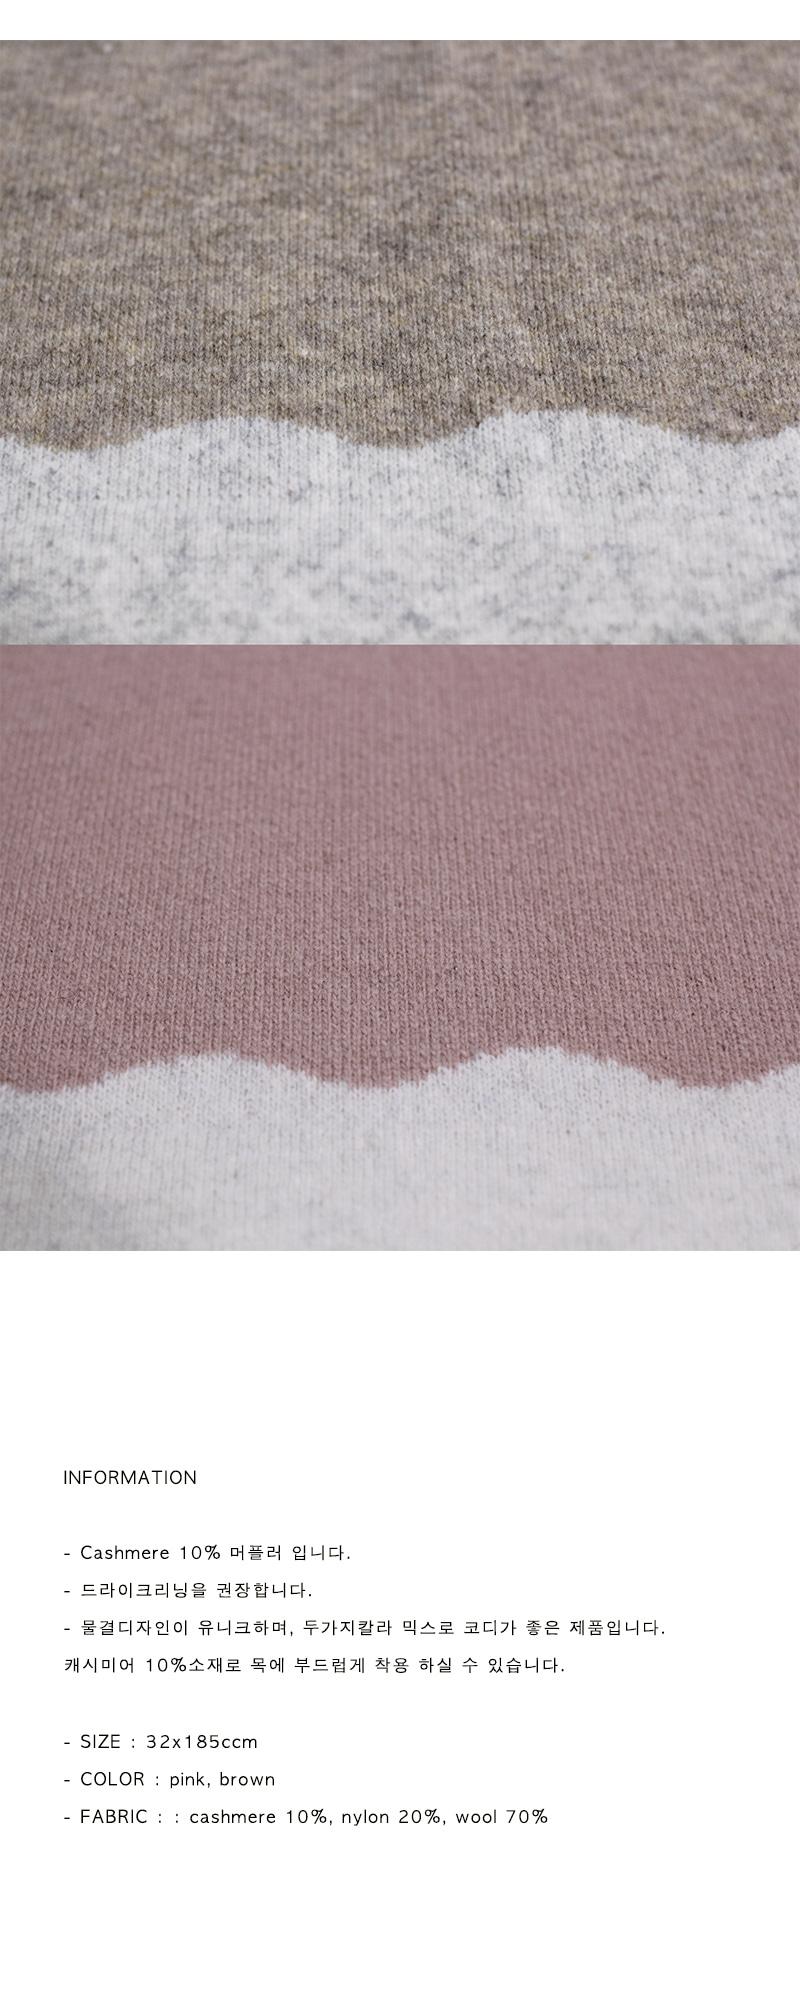 비비드솔리드(BB'DESOLI'DE) 베나 머플러 (2color)